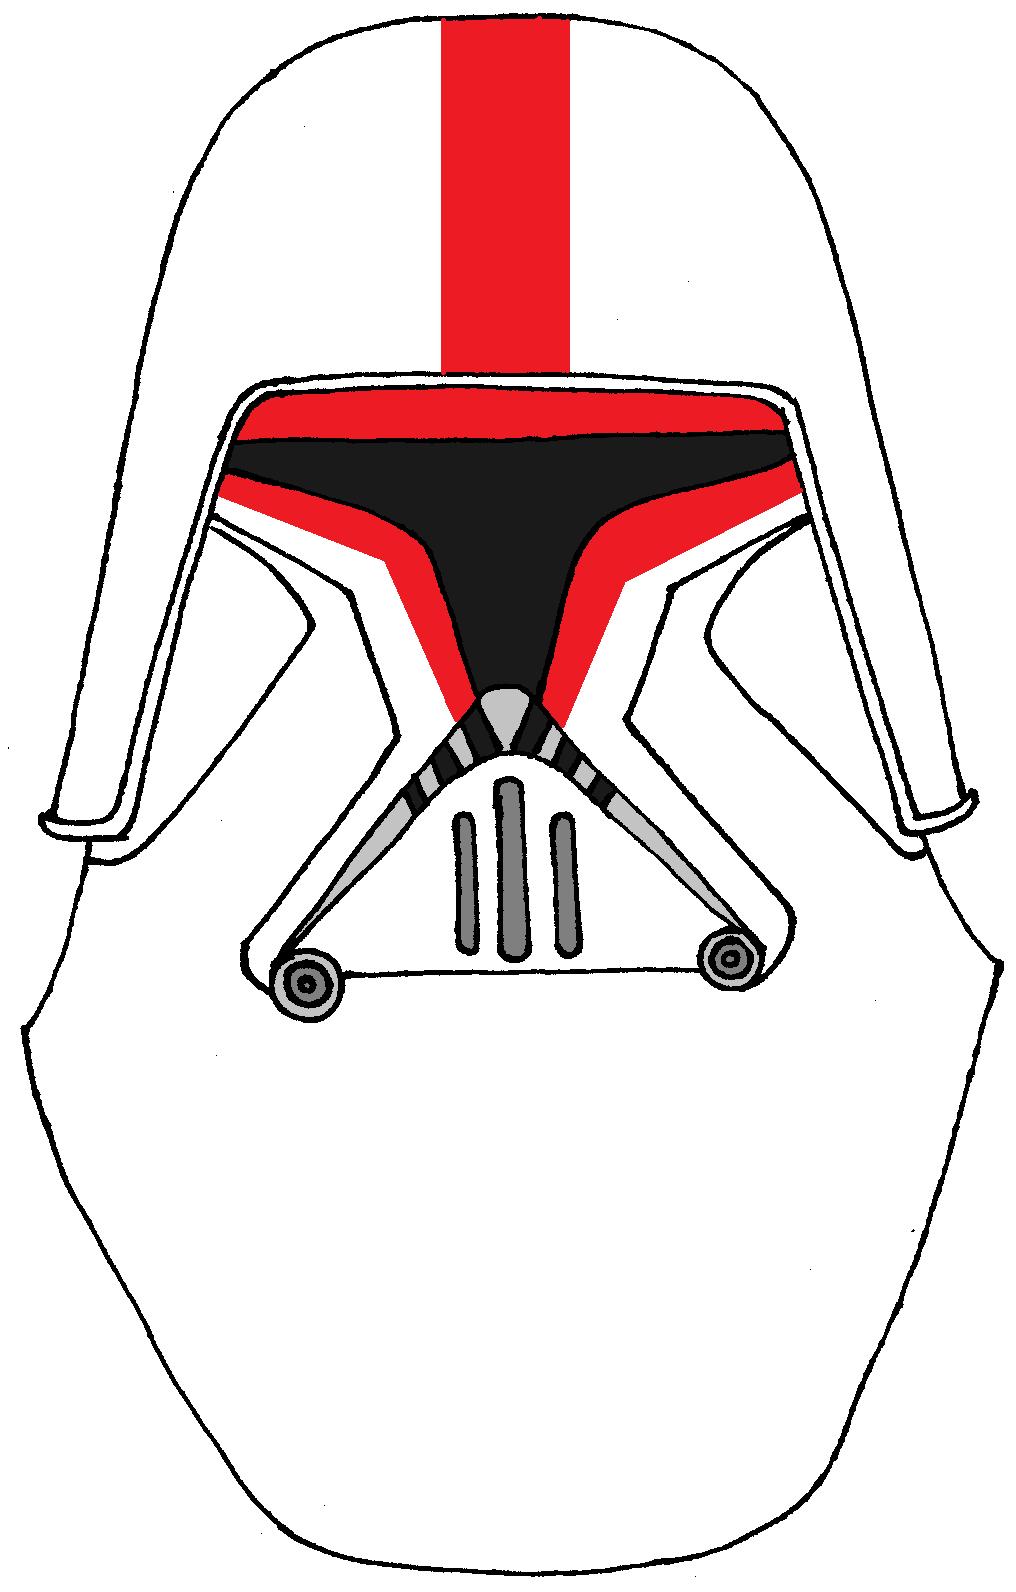 Clone Trooper Helmet 44th Special Operations Brigade